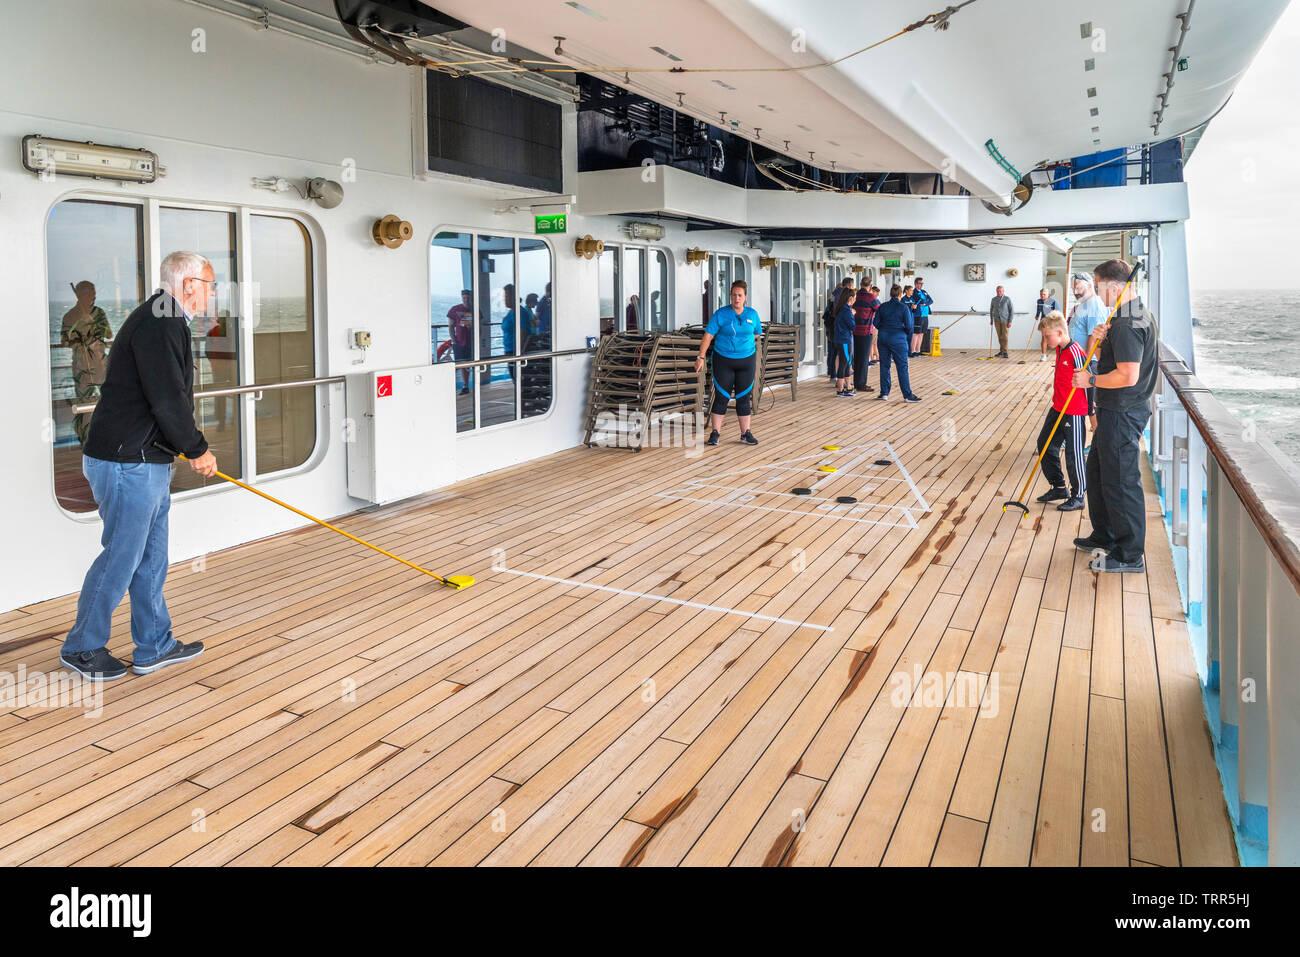 Los pasajeros jugando al tejo en la cubierta del barco crucero TUI Marella Explorer, Mar del Norte, Europa Imagen De Stock